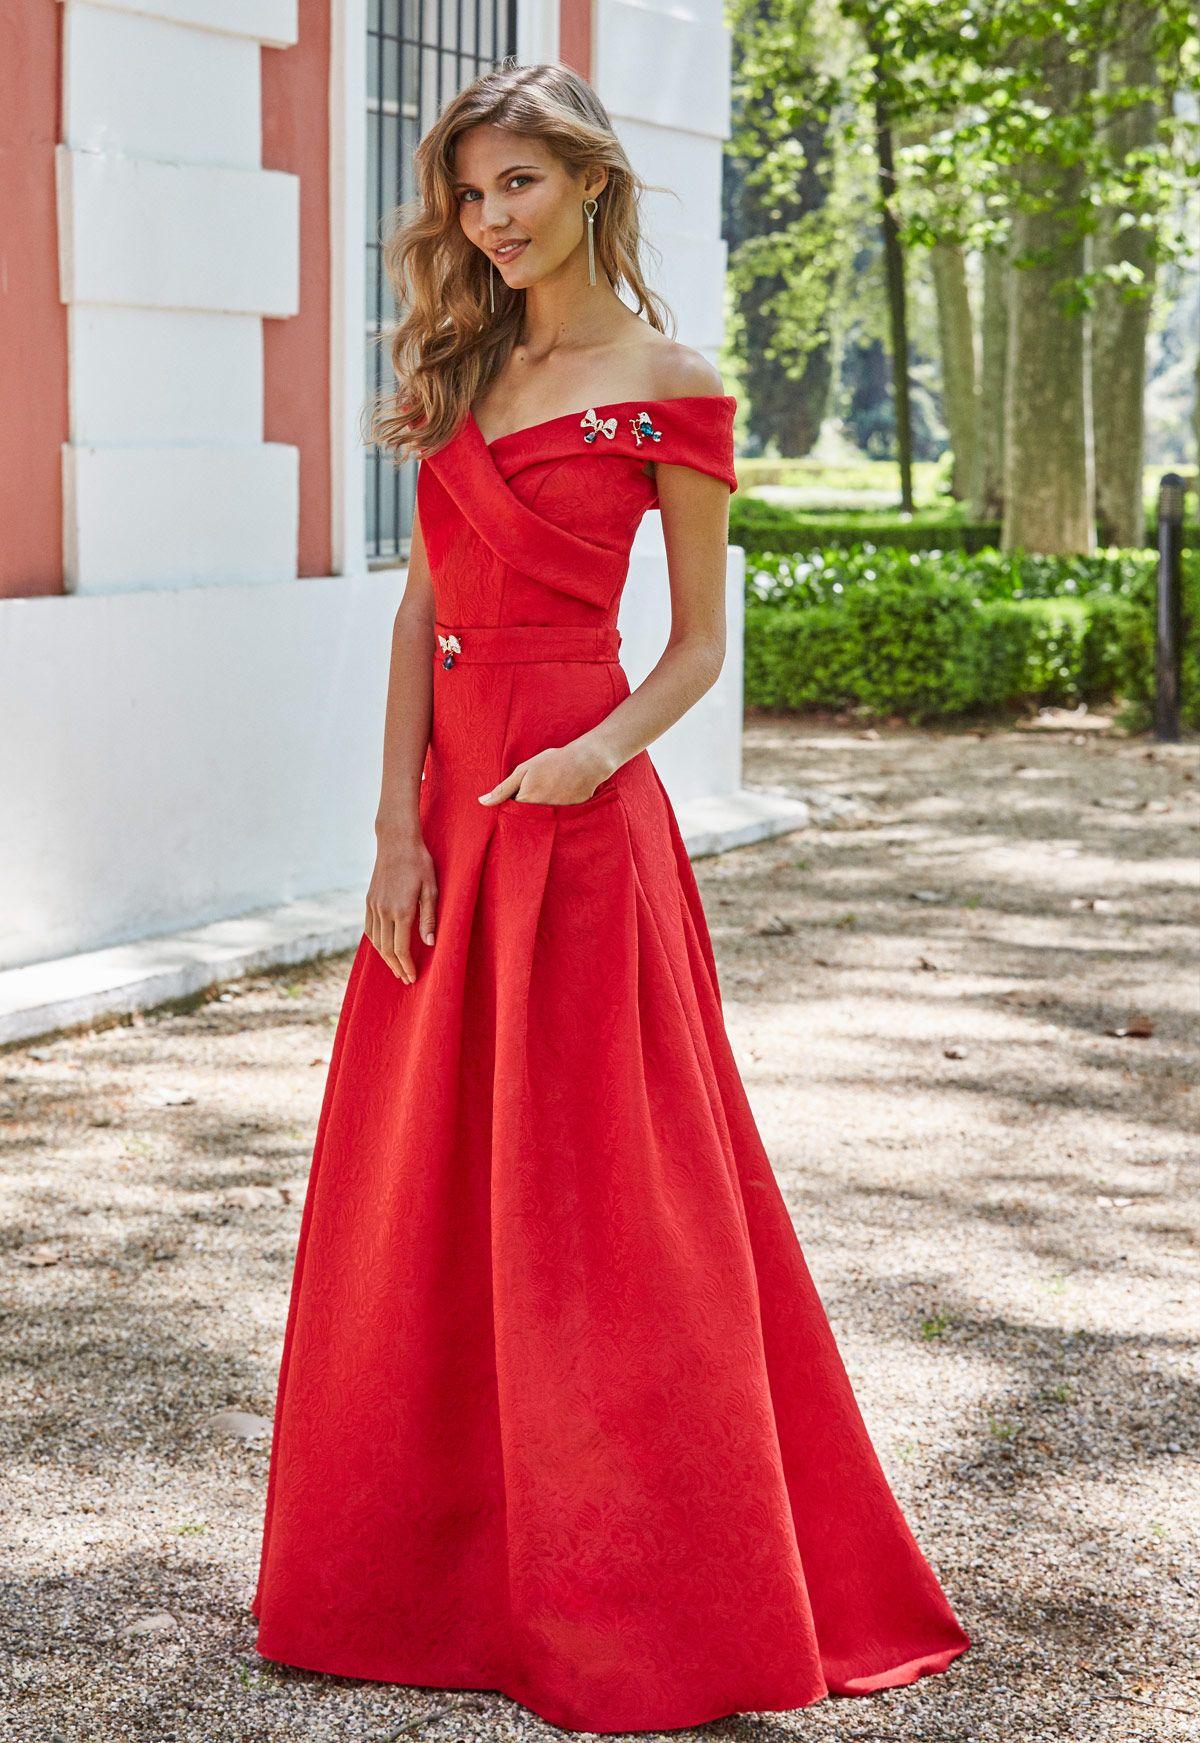 e24558bd9 Tienda de vestidos de fiesta y madrina en Madrid de Ana Torres colección  2018 modelo 18058A